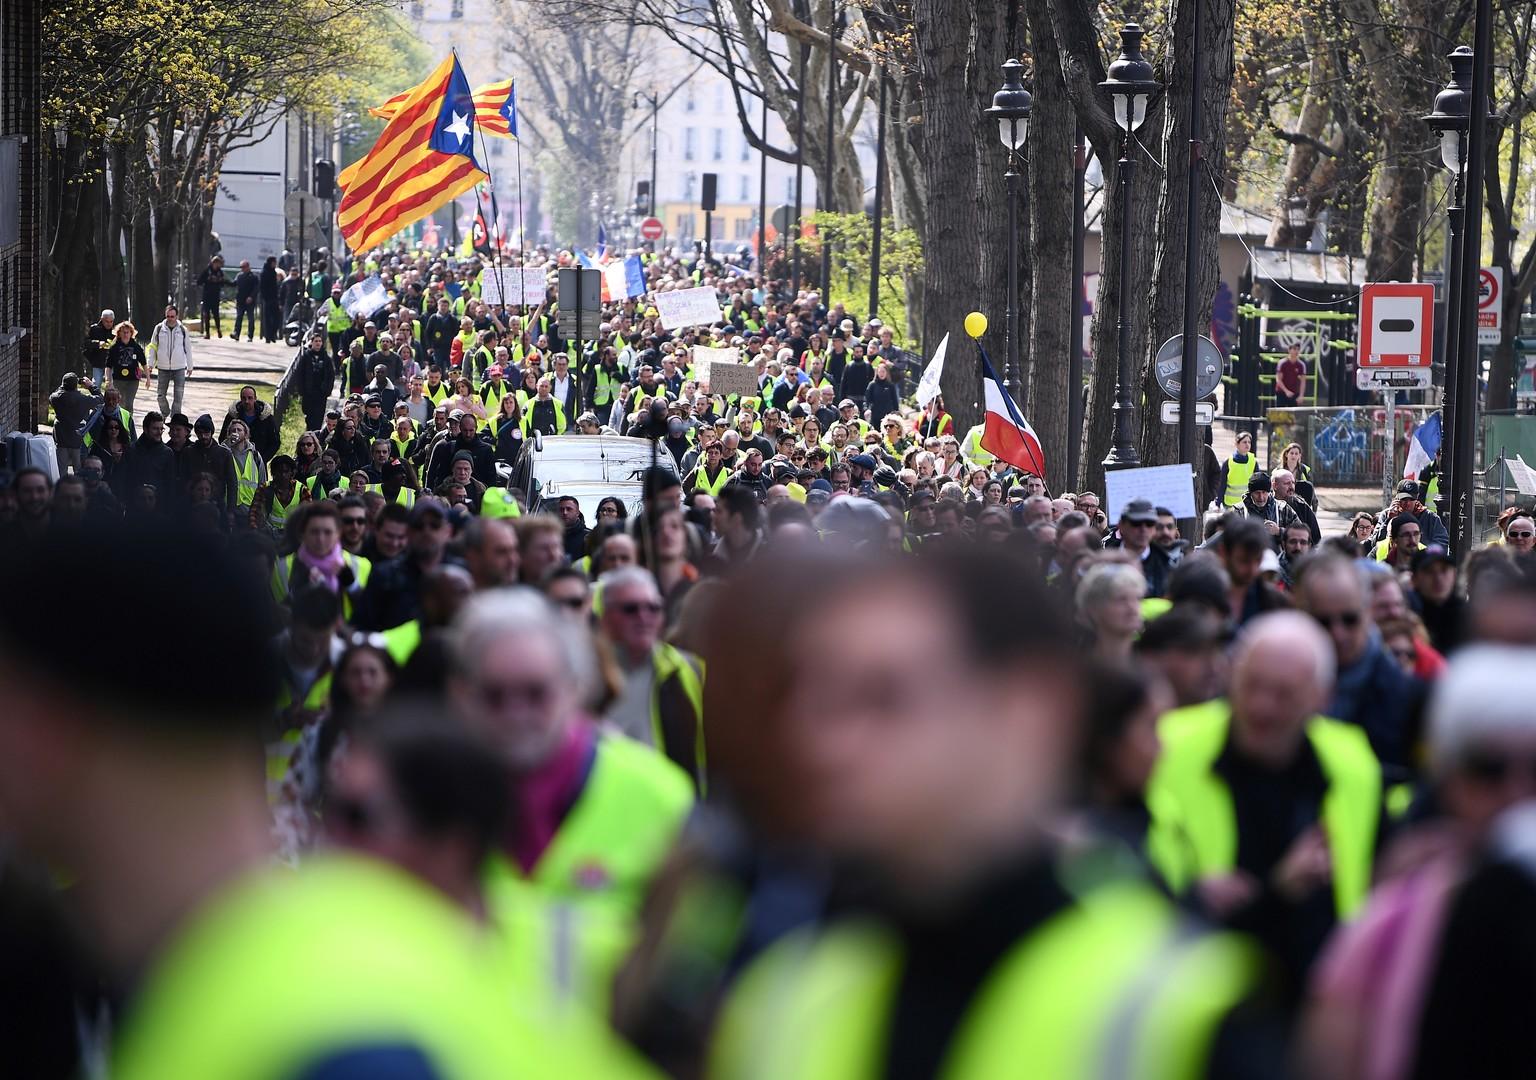 foto de Acte 21 : les Gilets jaunes poursuivent leur mobilisation (EN CONTINU) RT en français